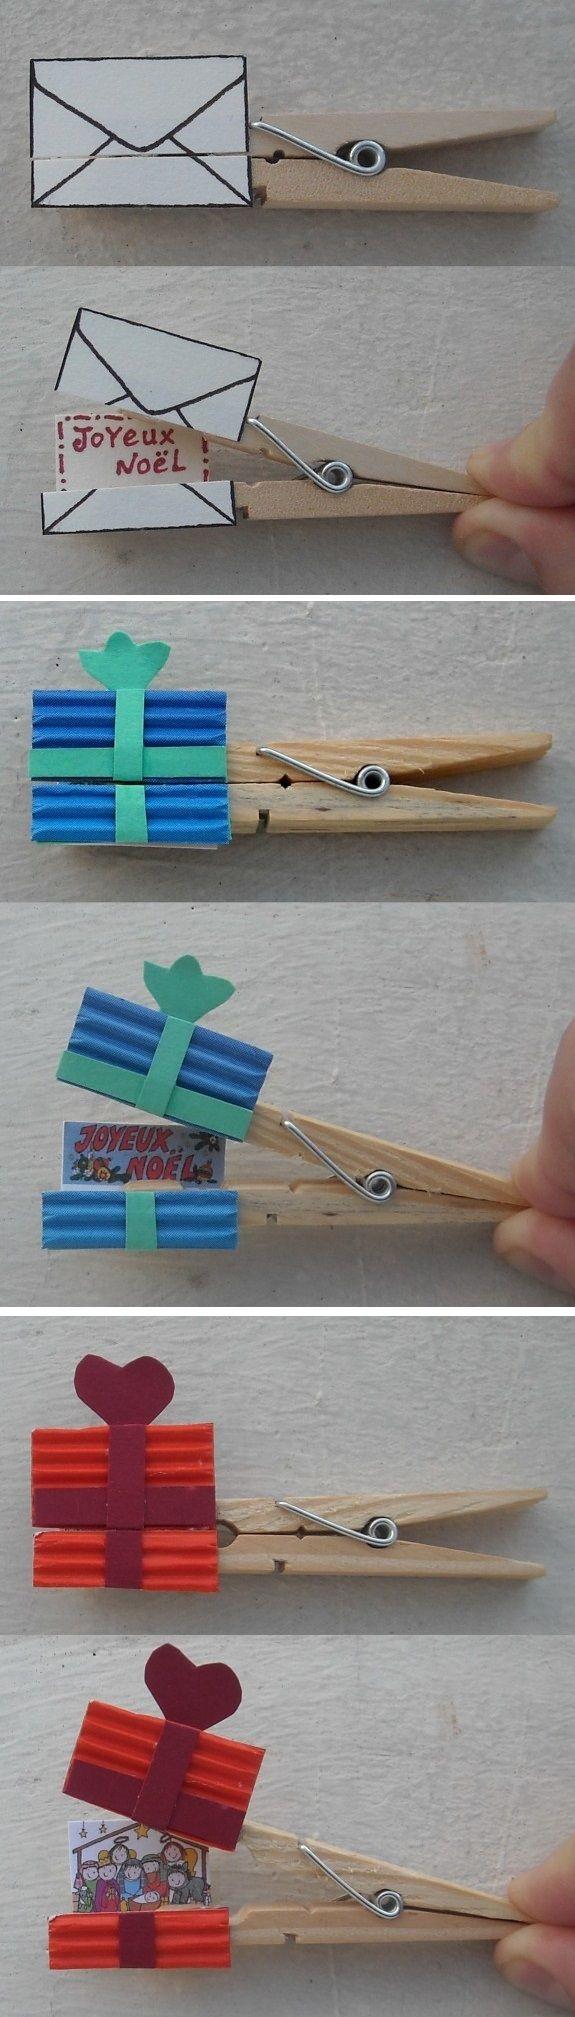 Pince à linge ornée d'une enveloppe ou d'un paquet-cadeau et qui s'ouvre sur un message ou un dessin de Noël.